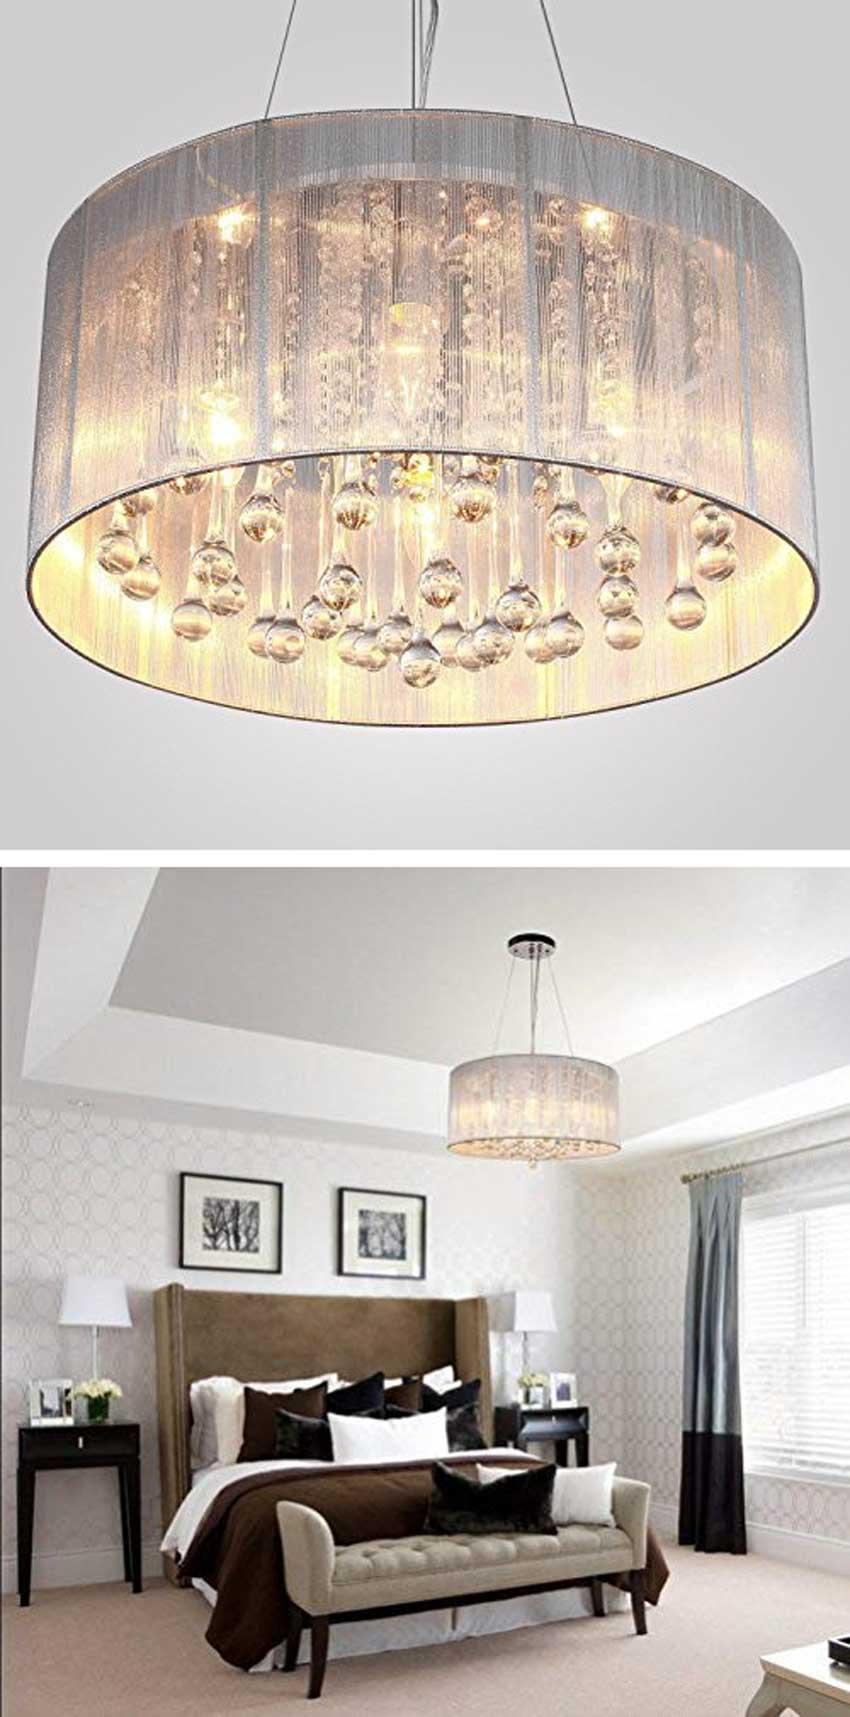 Lampadari Di Design Per Camera Da Letto.Lampadari E Lampade A Sospensione Design 35 Idee Che Vi Illumineranno